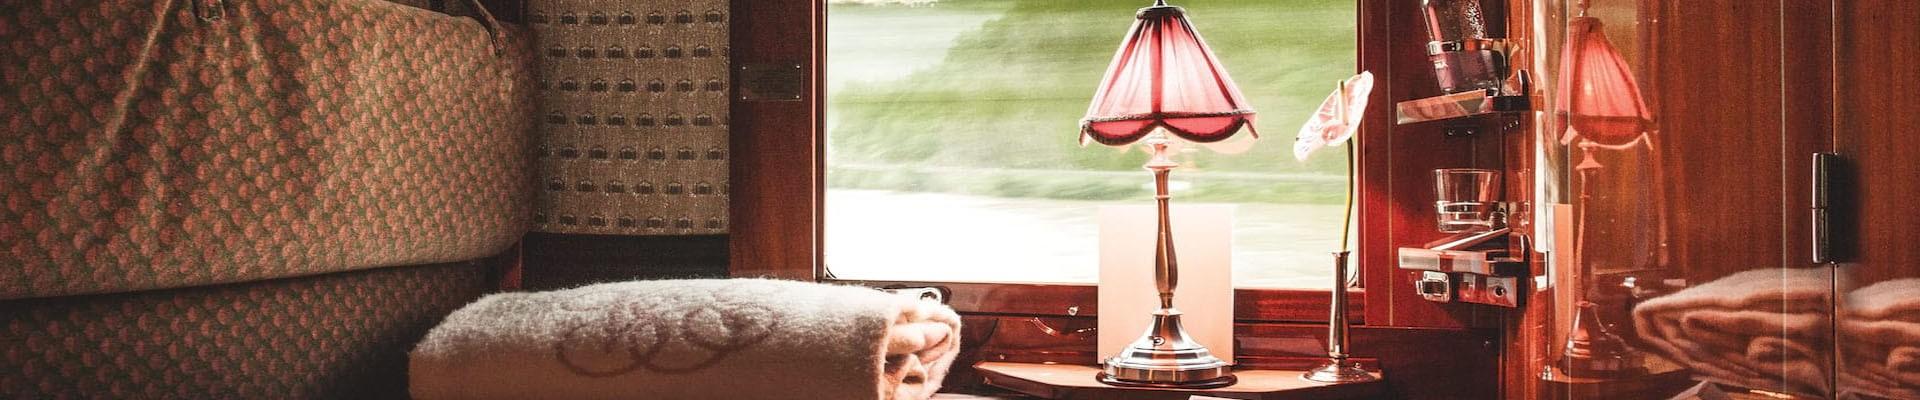 Klassiskt tåg är drömresan för många